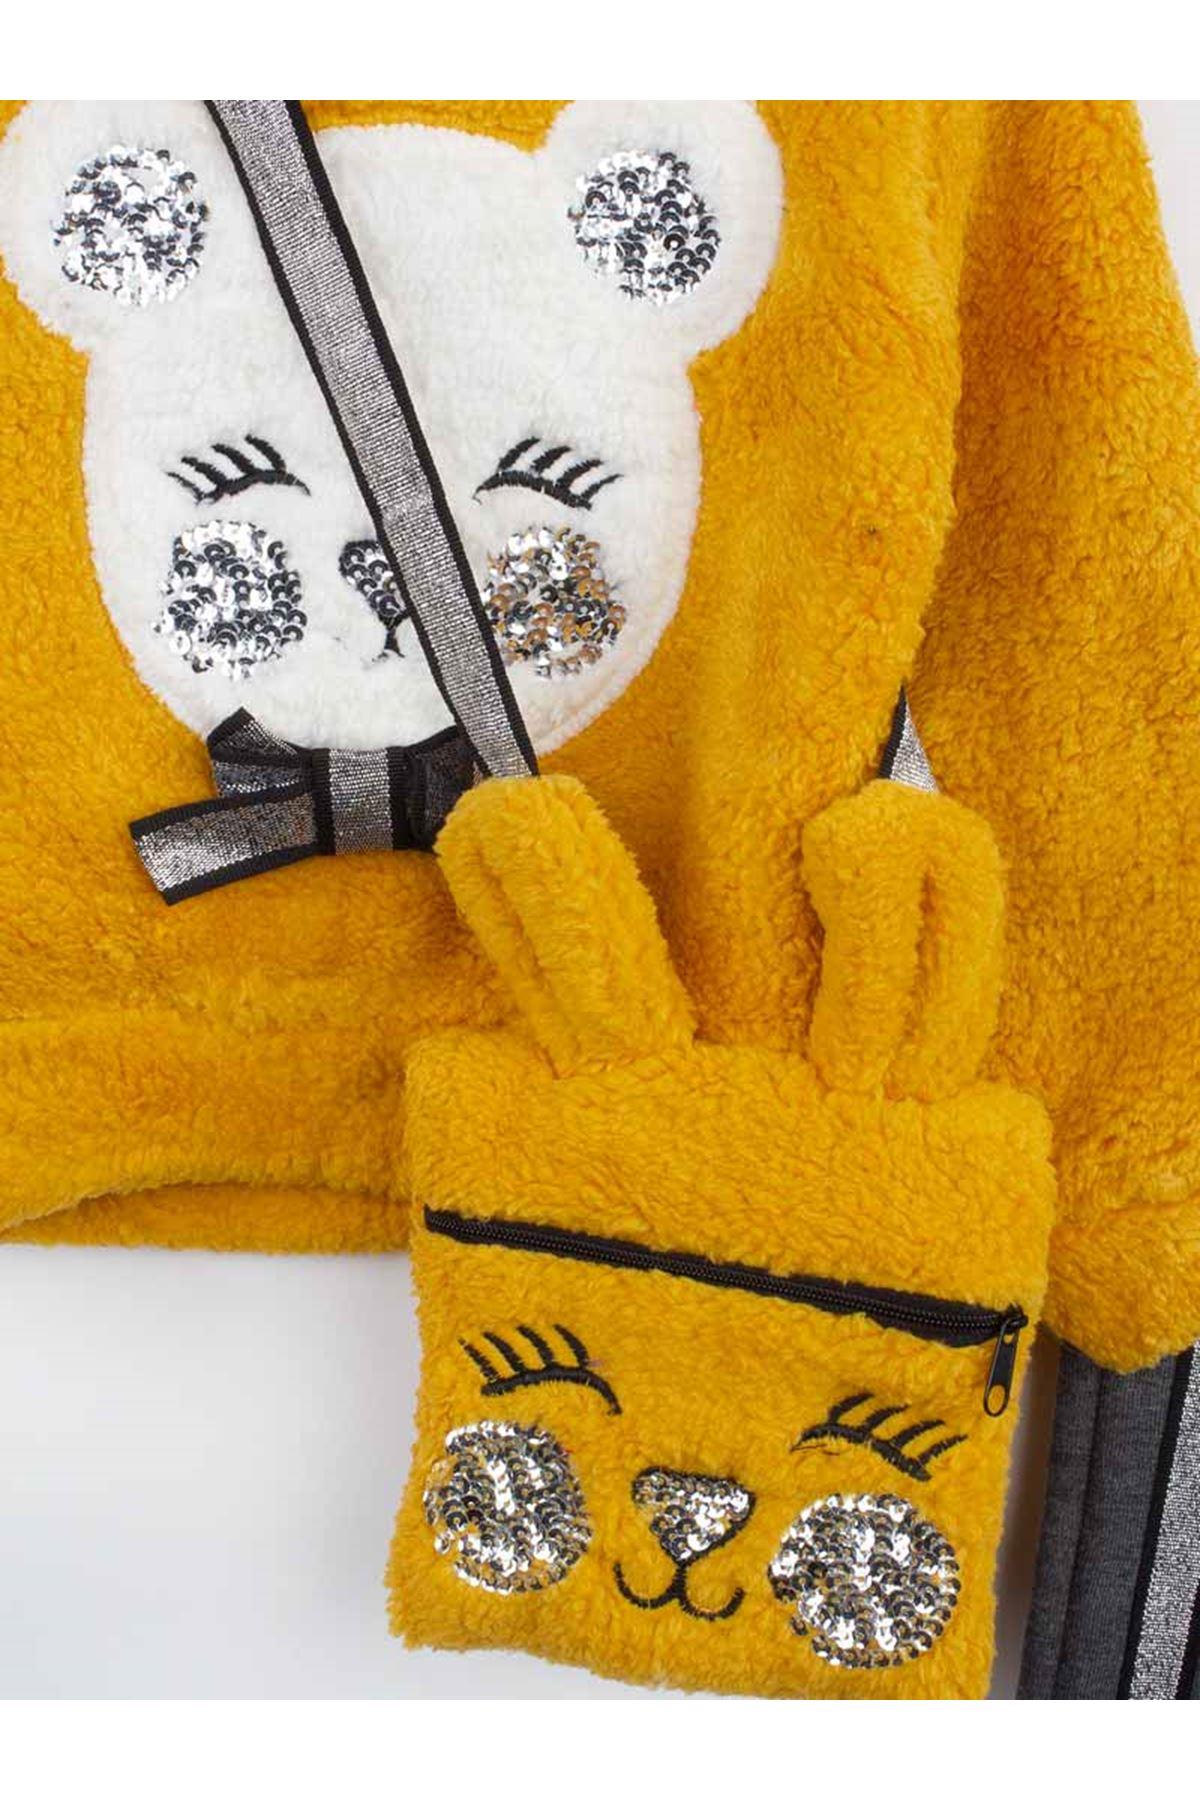 Sarı Kışlık Peluş Kız Çocuk Çantalı 3 lü Takım